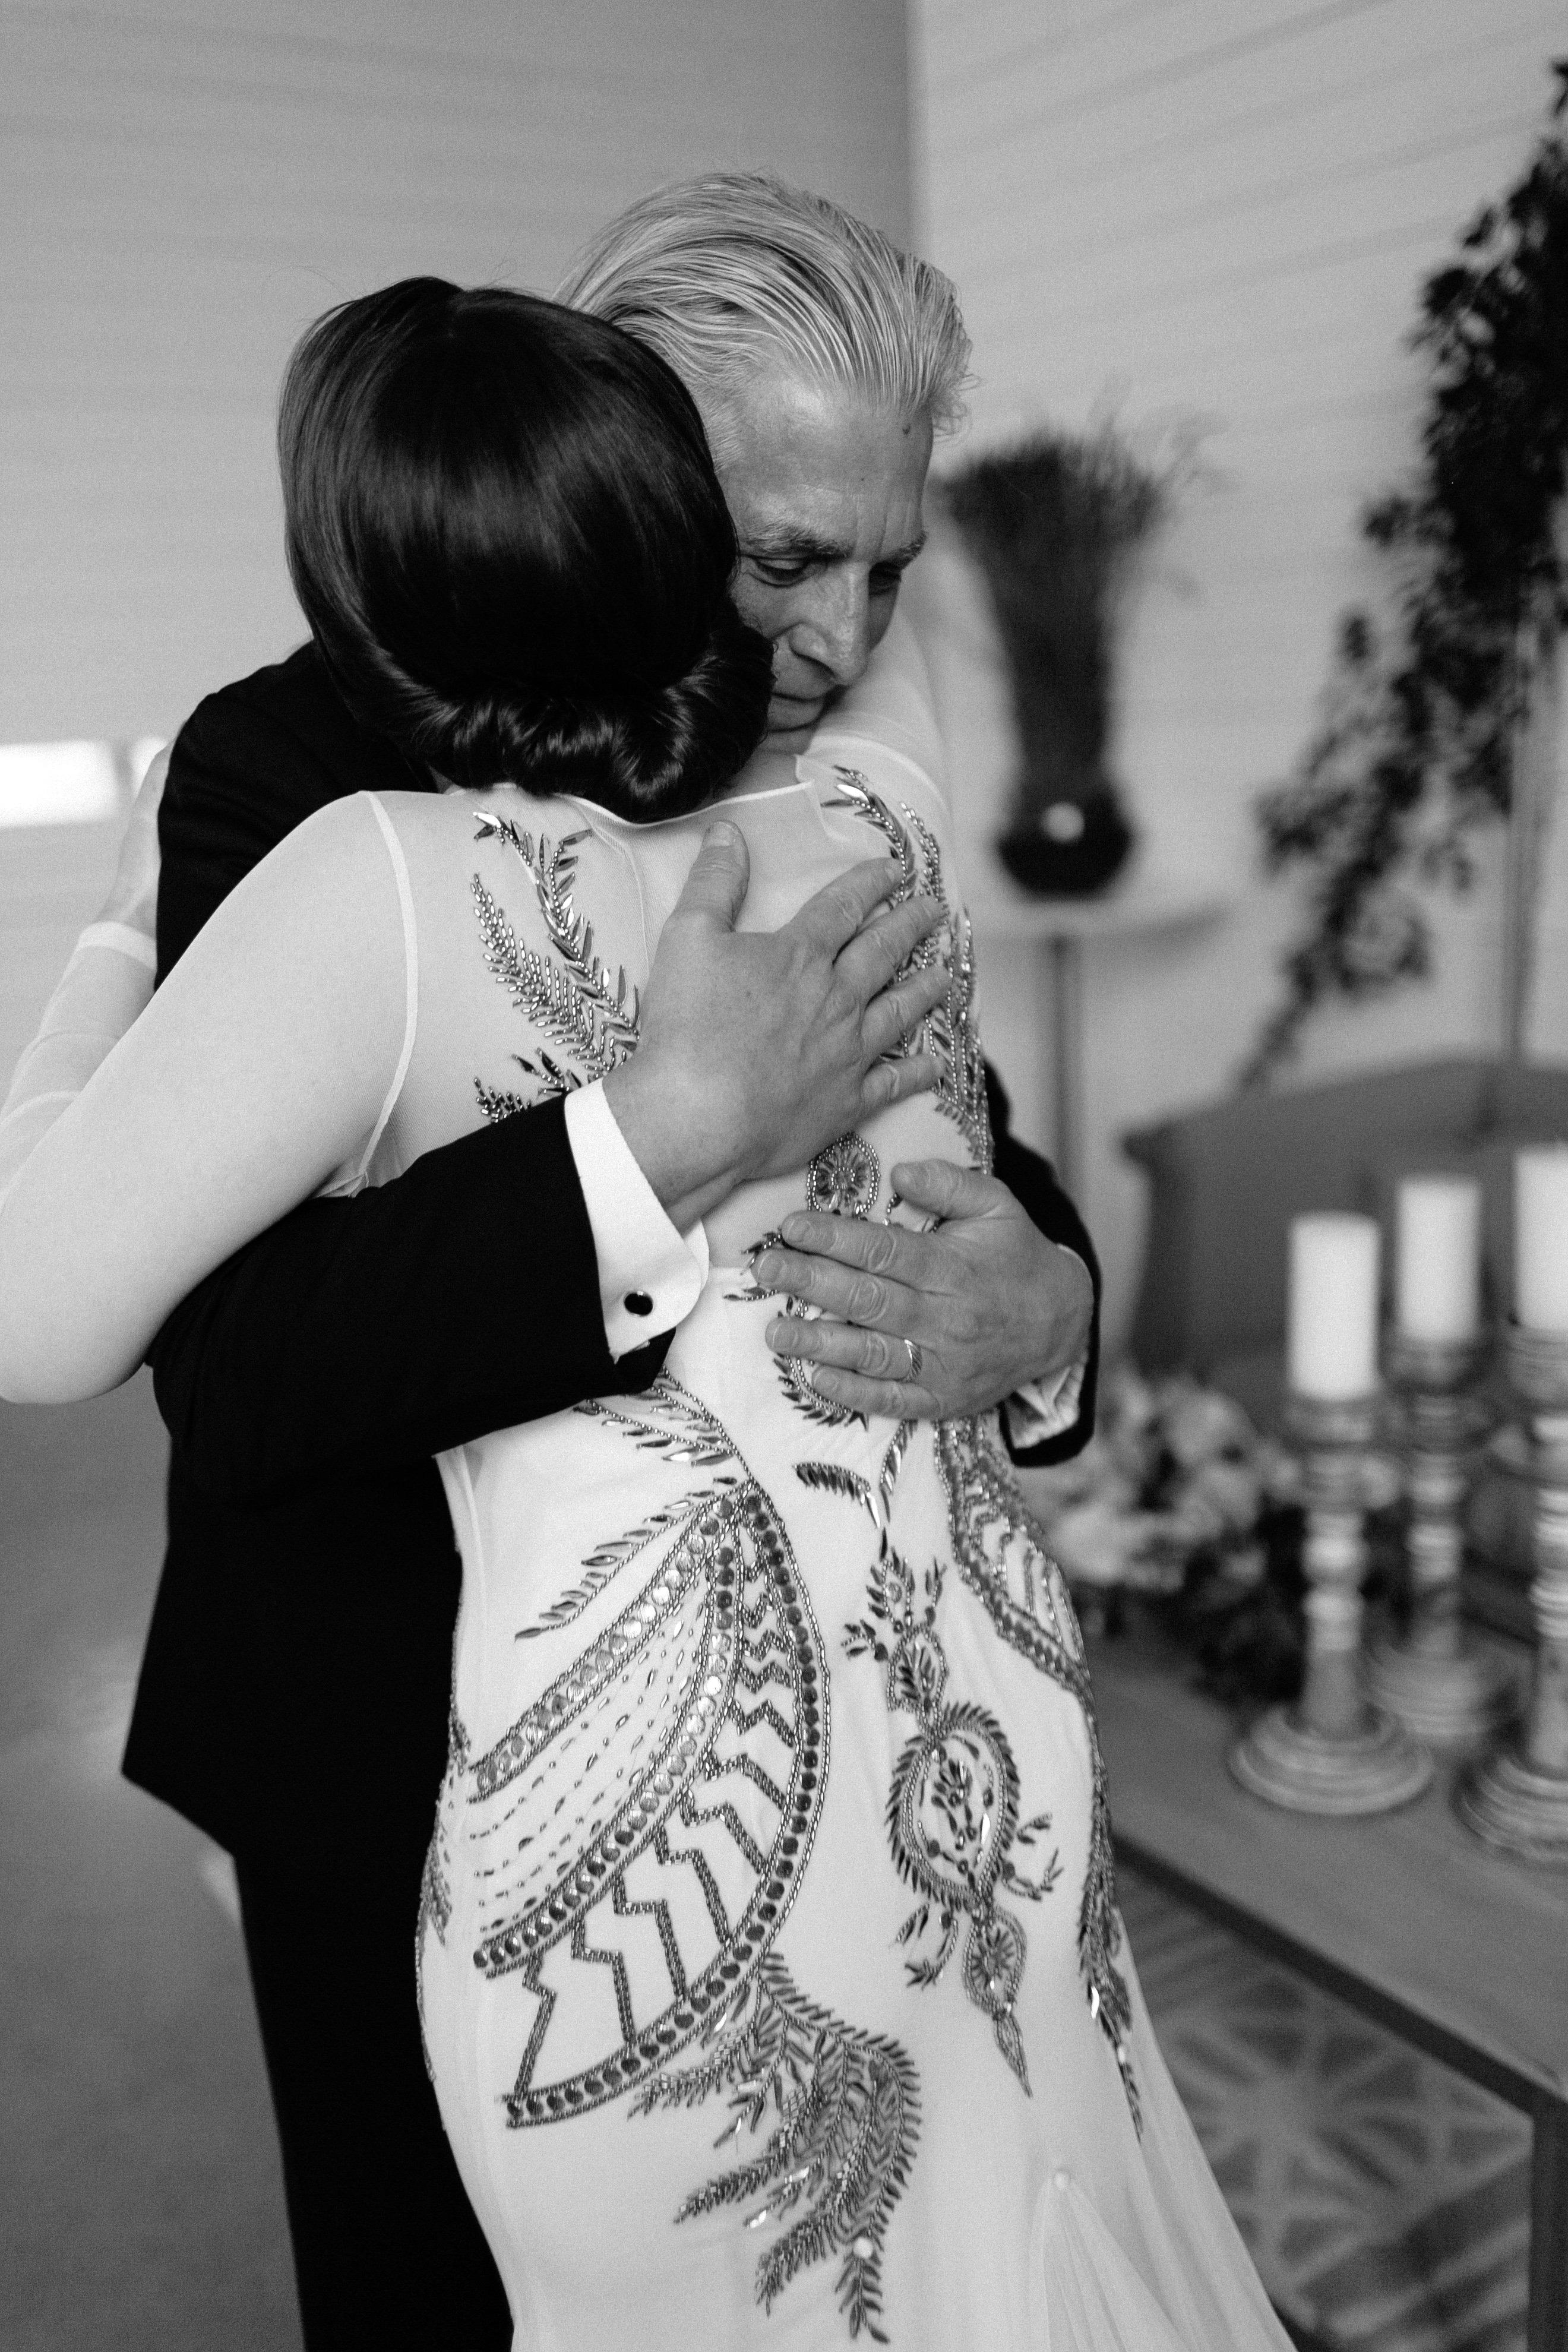 wedding father and daughter hug